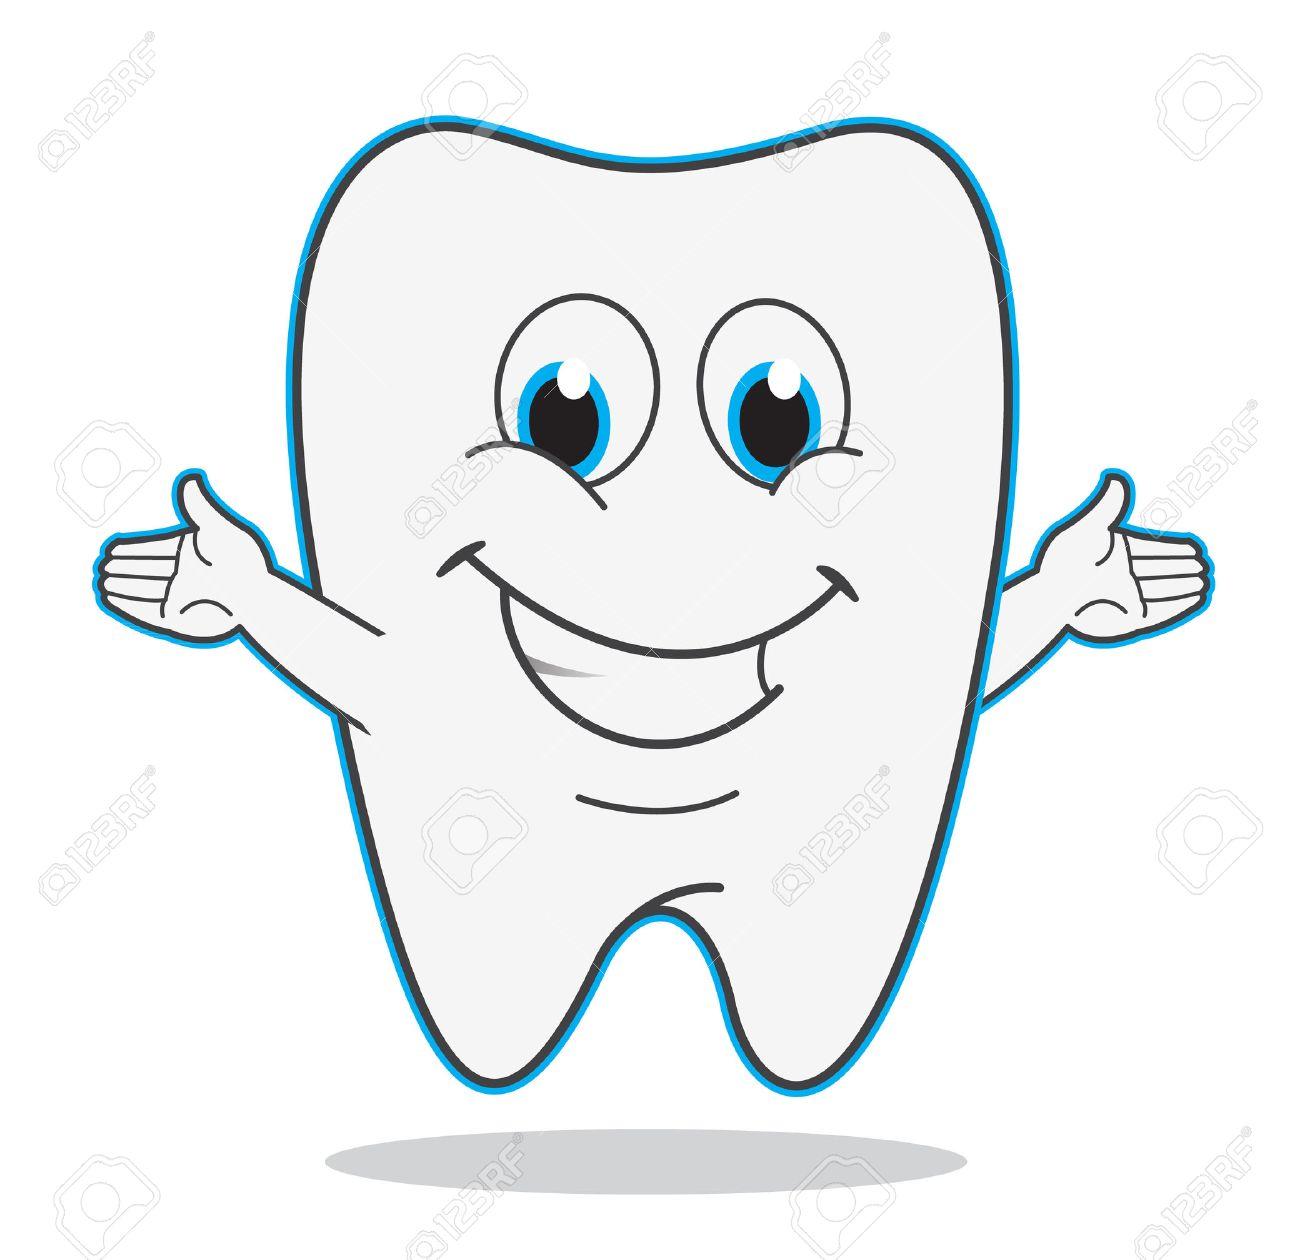 Los Dientes De Dibujos Animados Lindo Sonrisa Ilustración Símbolo De Dentista